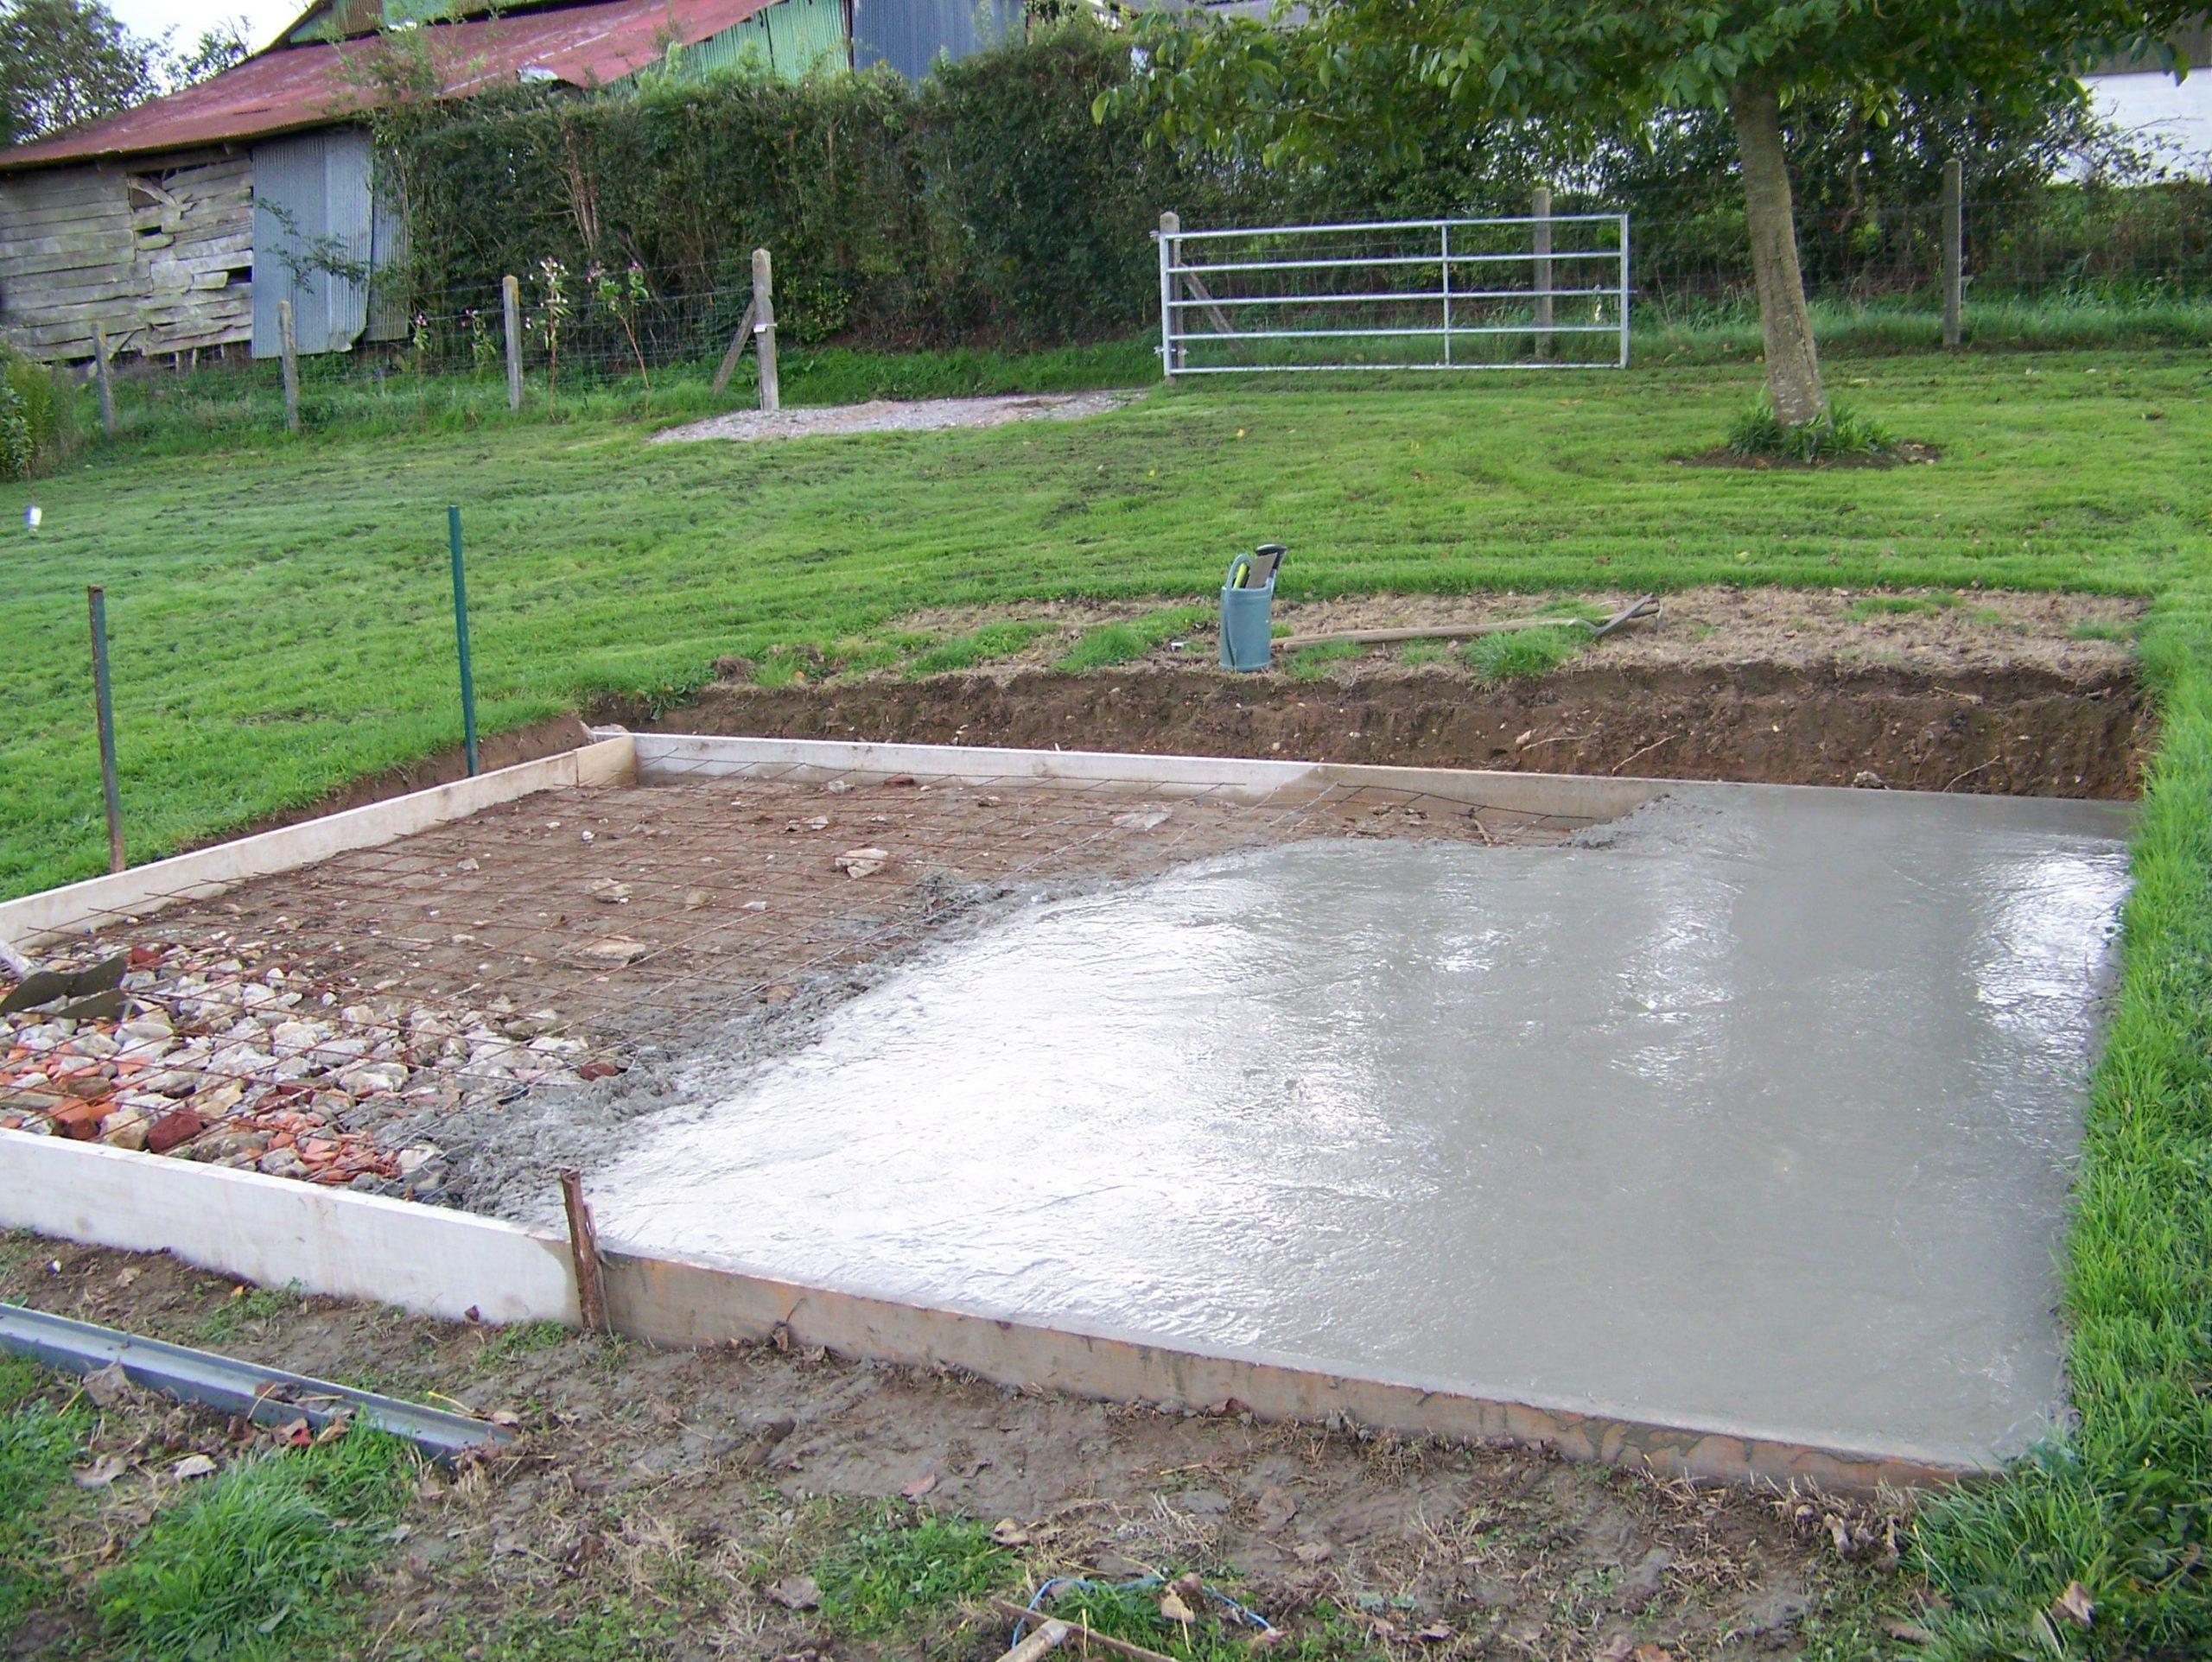 Comment Faire Une Dalle En Béton Pour Un Abri De Jardin? intérieur Fondation Abri De Jardin